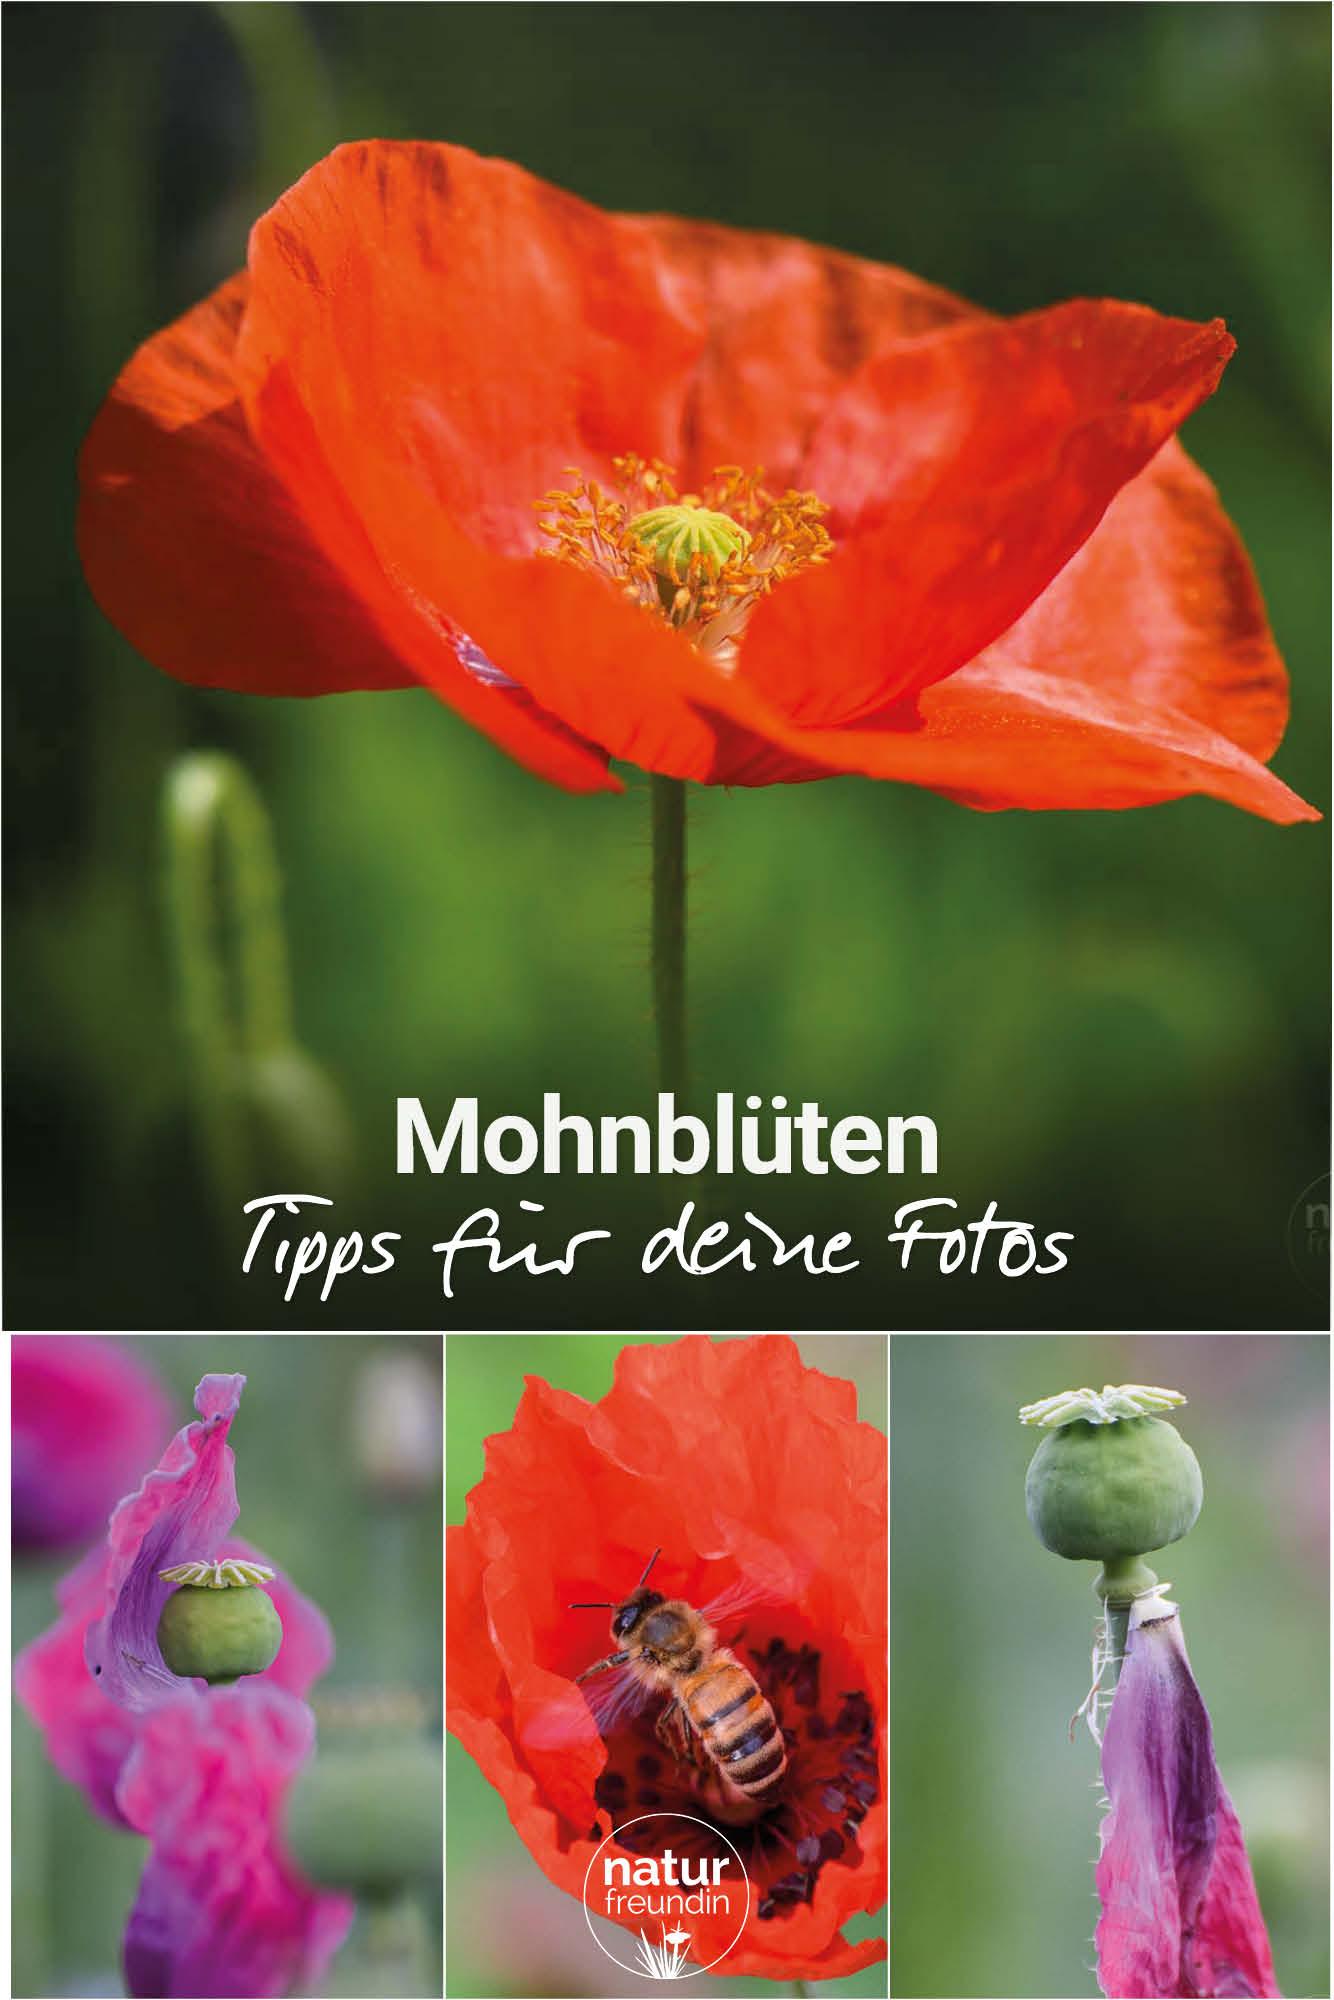 Mohnblüte im Waldviertel - Fototipps